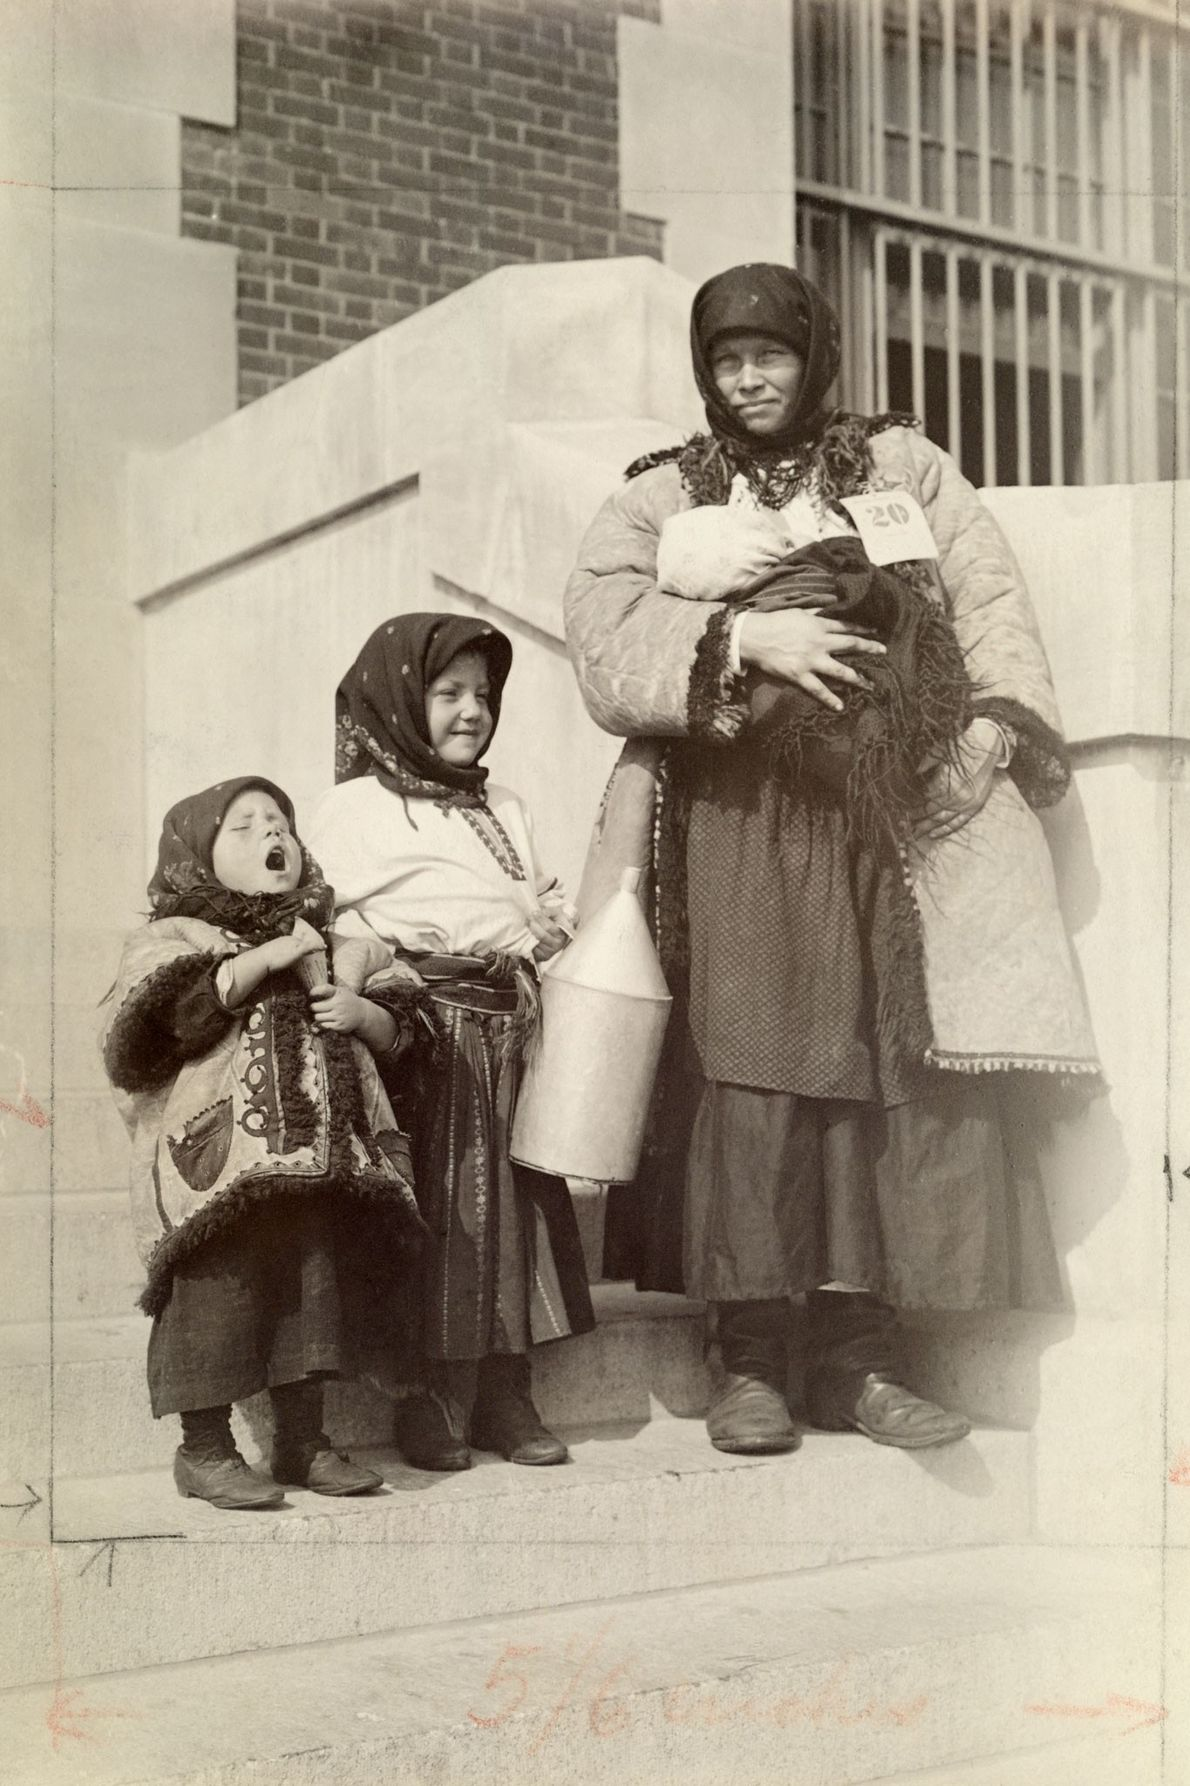 Eine russische Einwanderin in den USA posiert mit ihren drei Kindern für ein Foto.